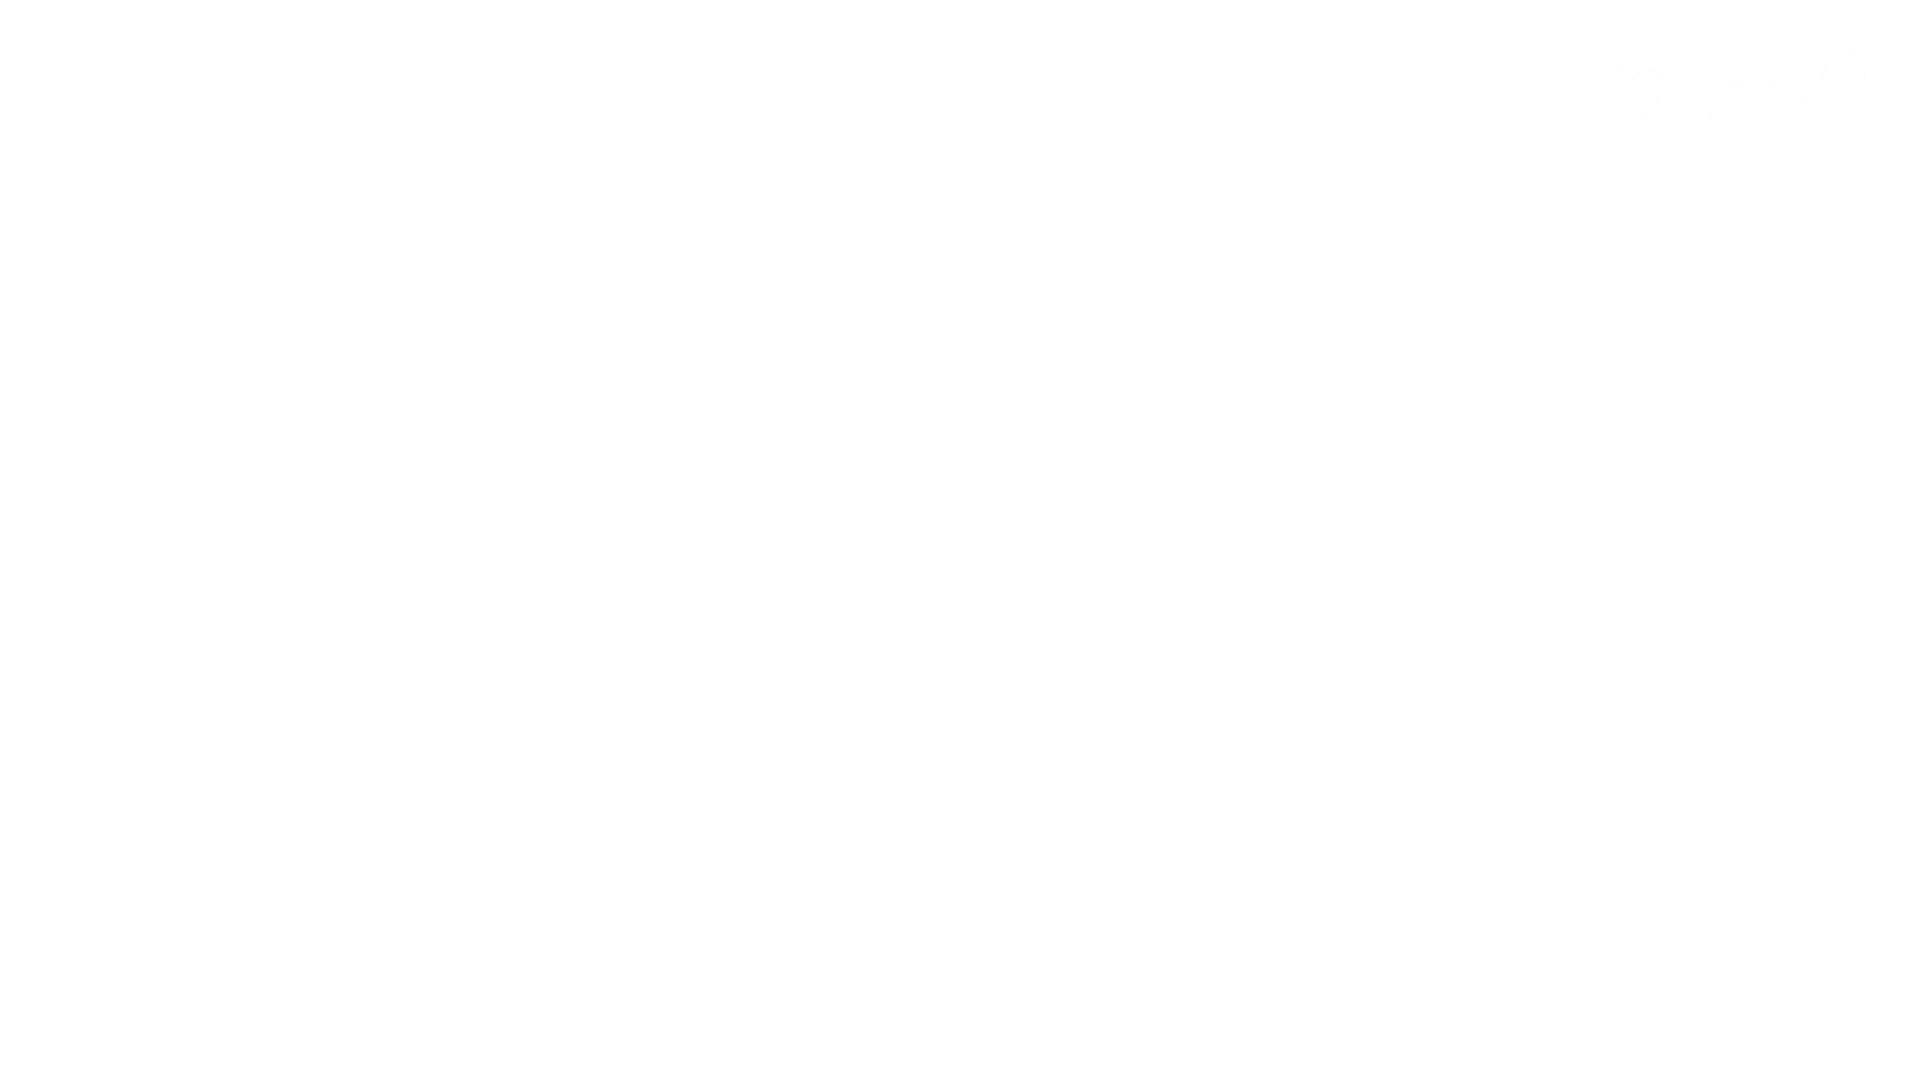 オマンコ丸見え:▲復活限定▲ハイビジョン 盗神伝 Vol.21:怪盗ジョーカー